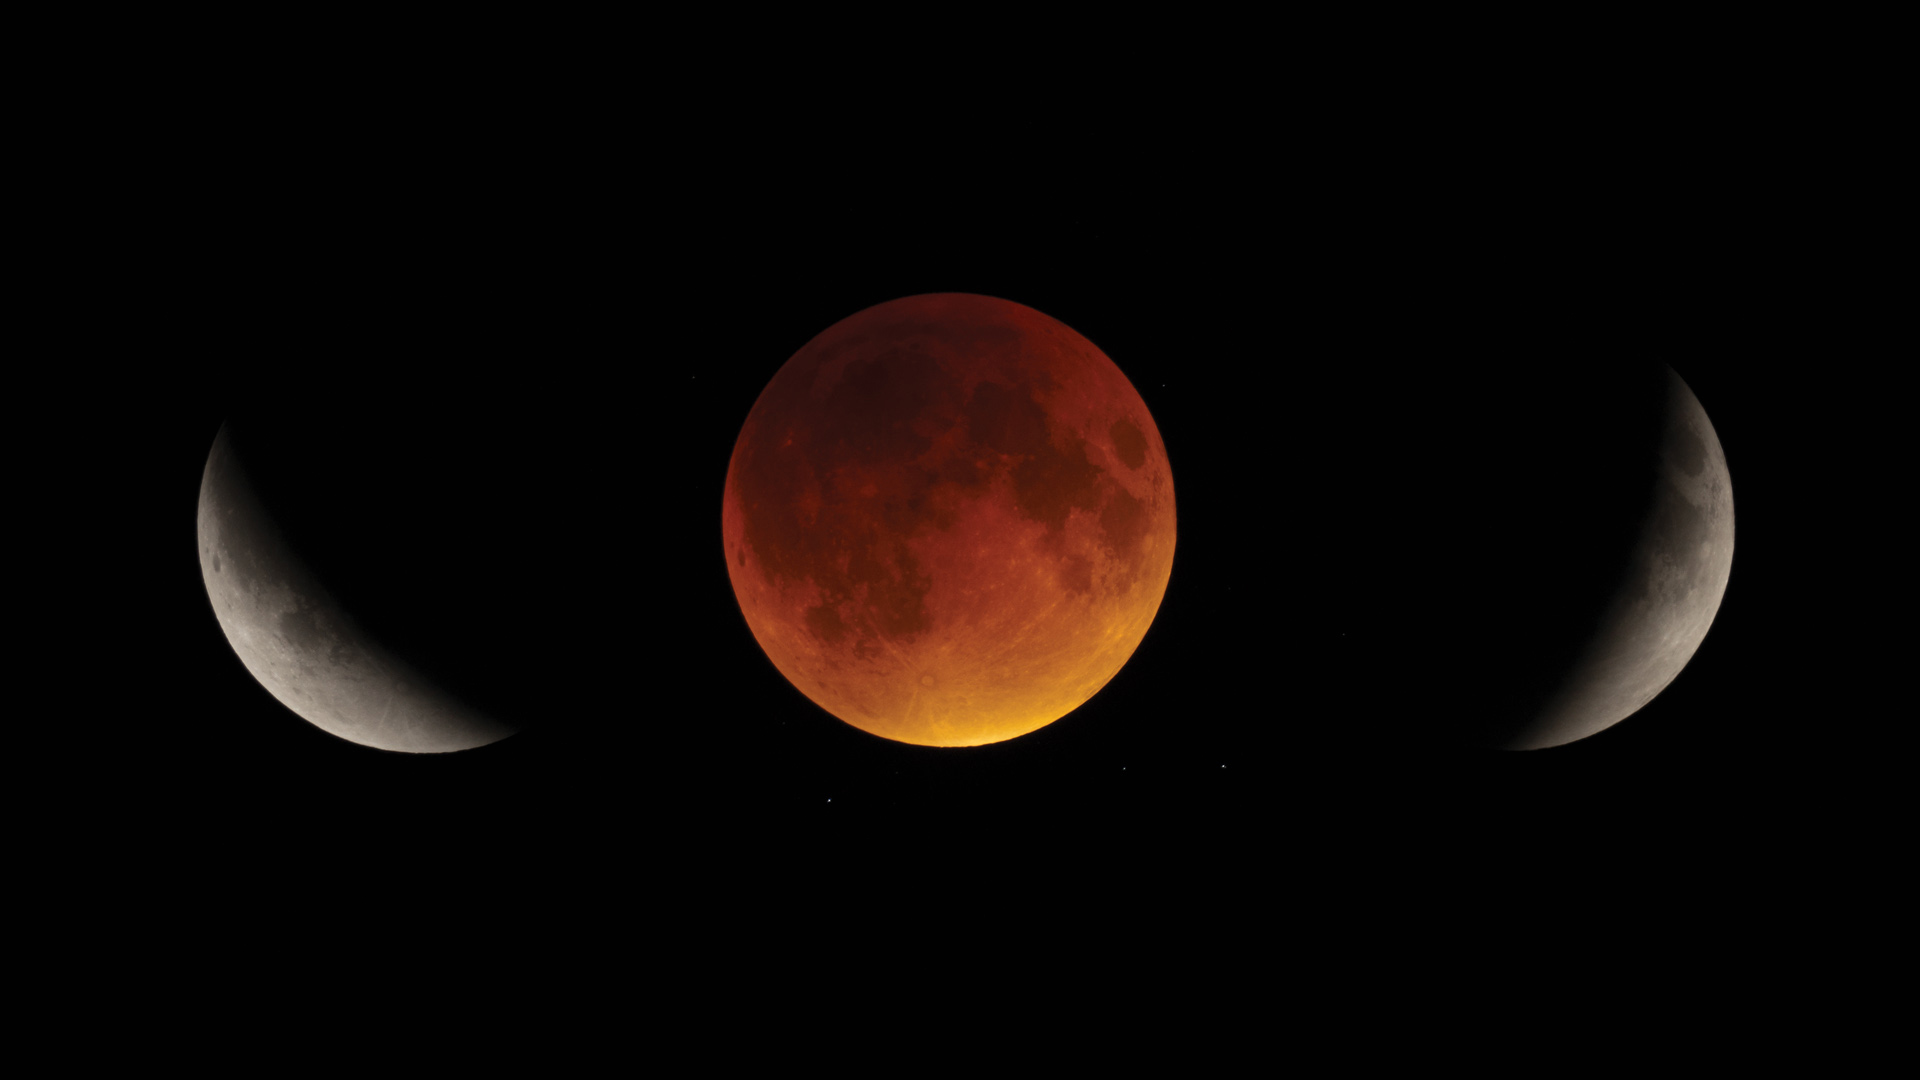 Lunar eclipse in Sept 2015 Walker